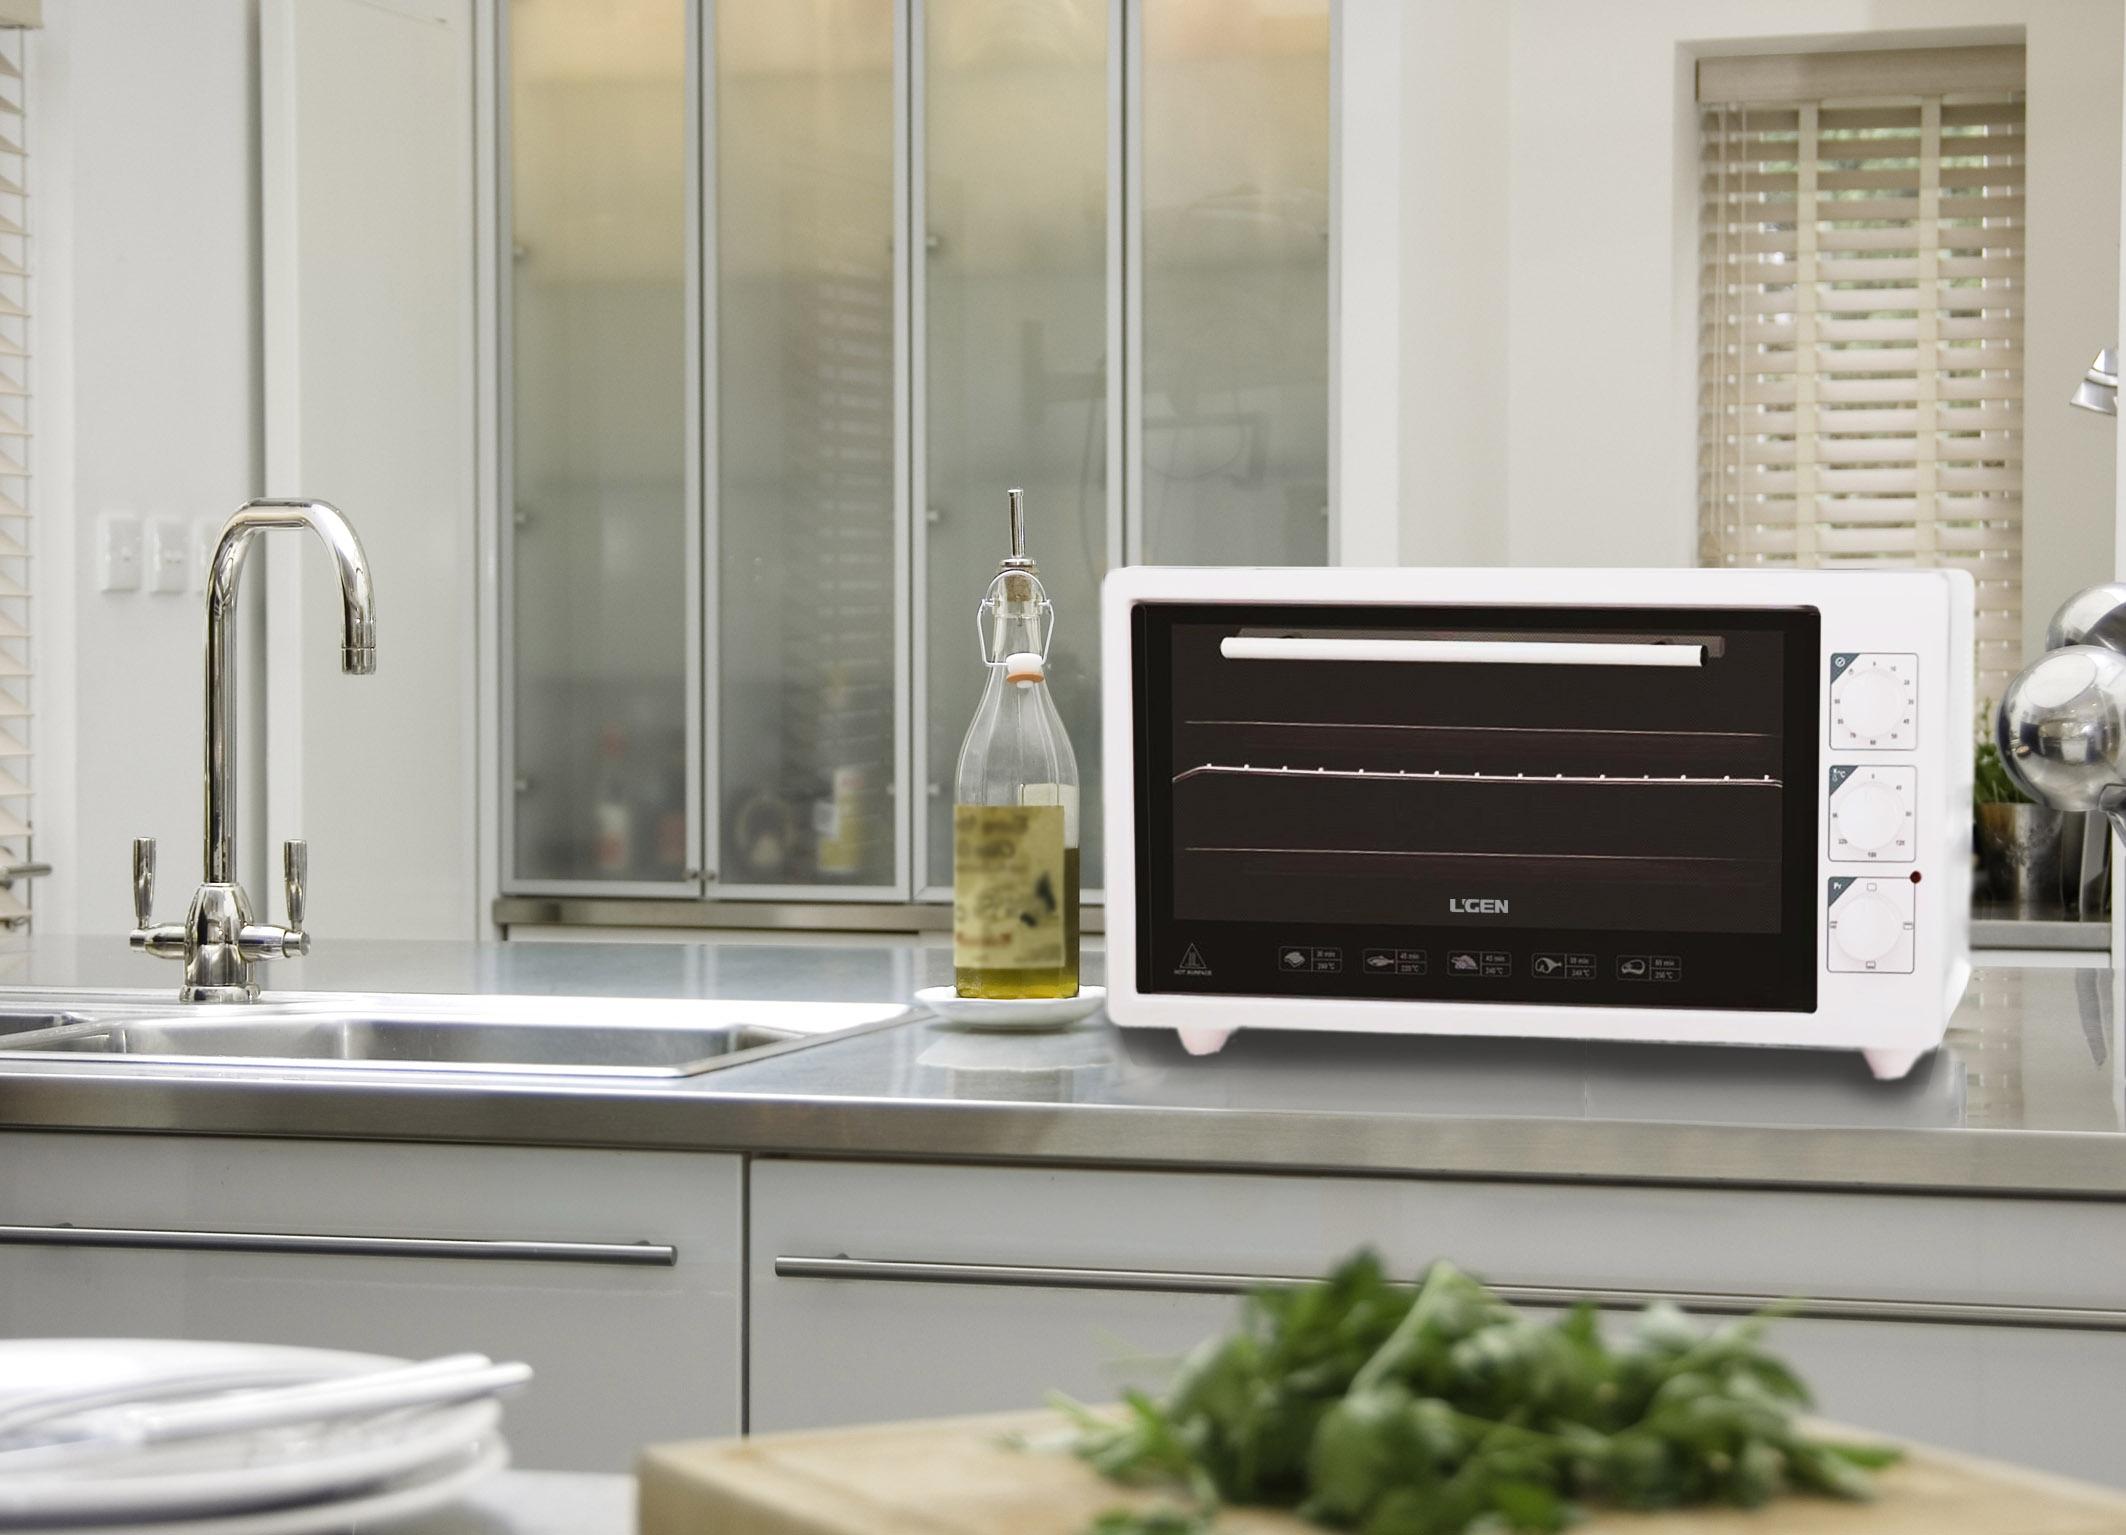 Мини-печь на кухне